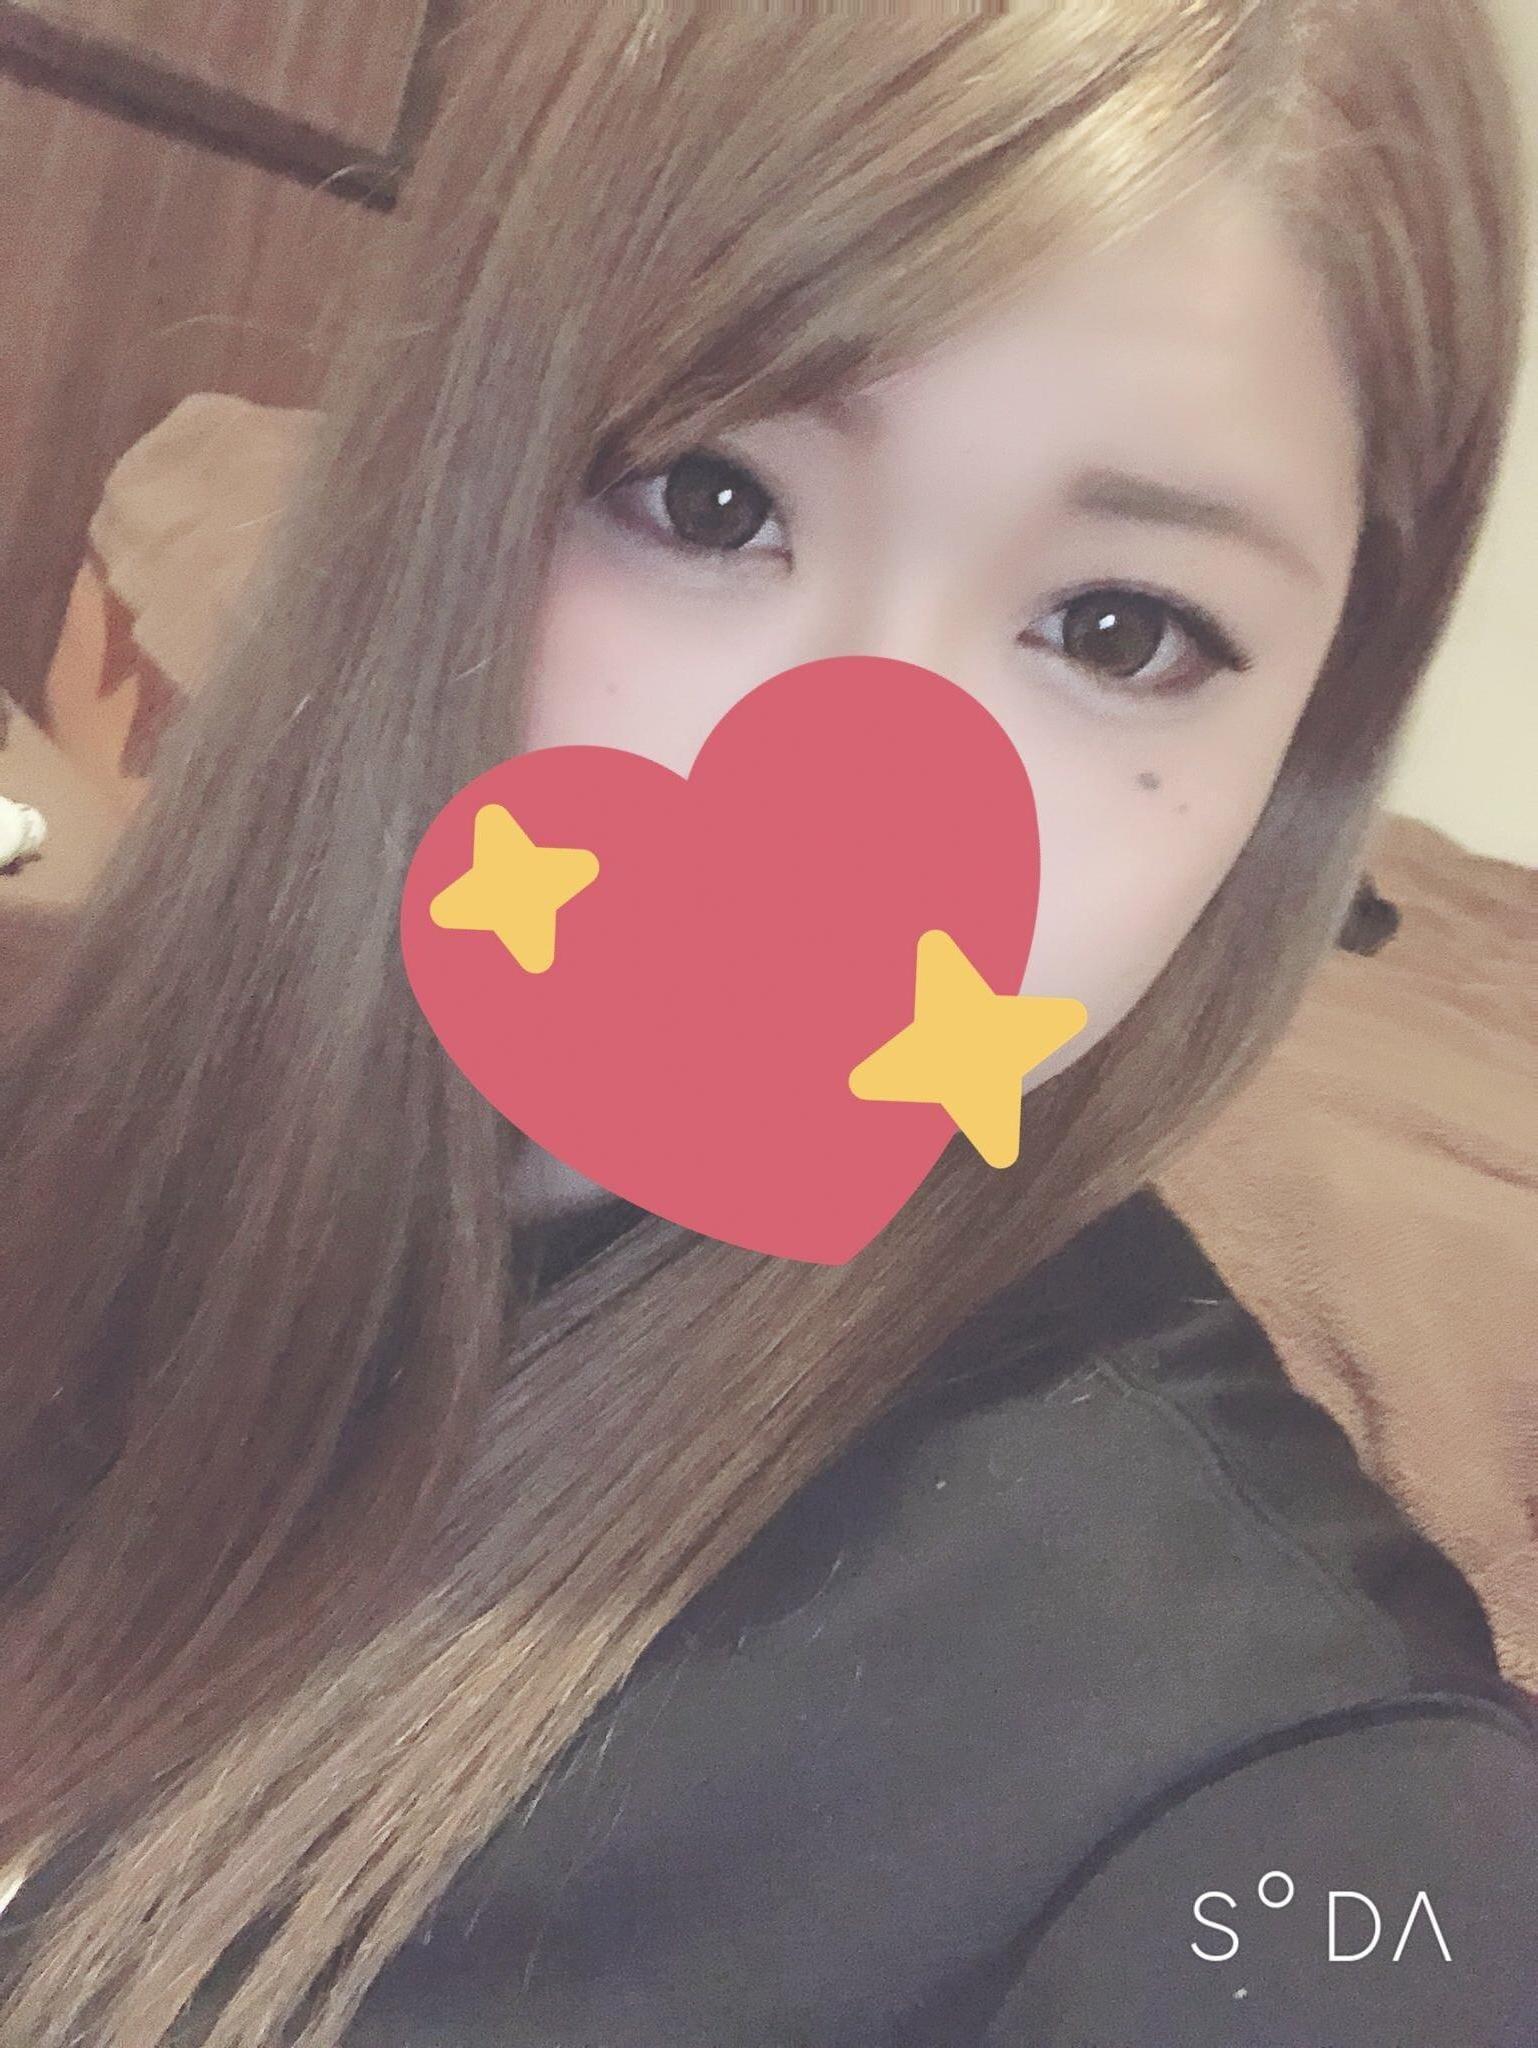 りょうま 「しゅっきん!?」09/16(月) 15:18 | りょうま の写メ・風俗動画